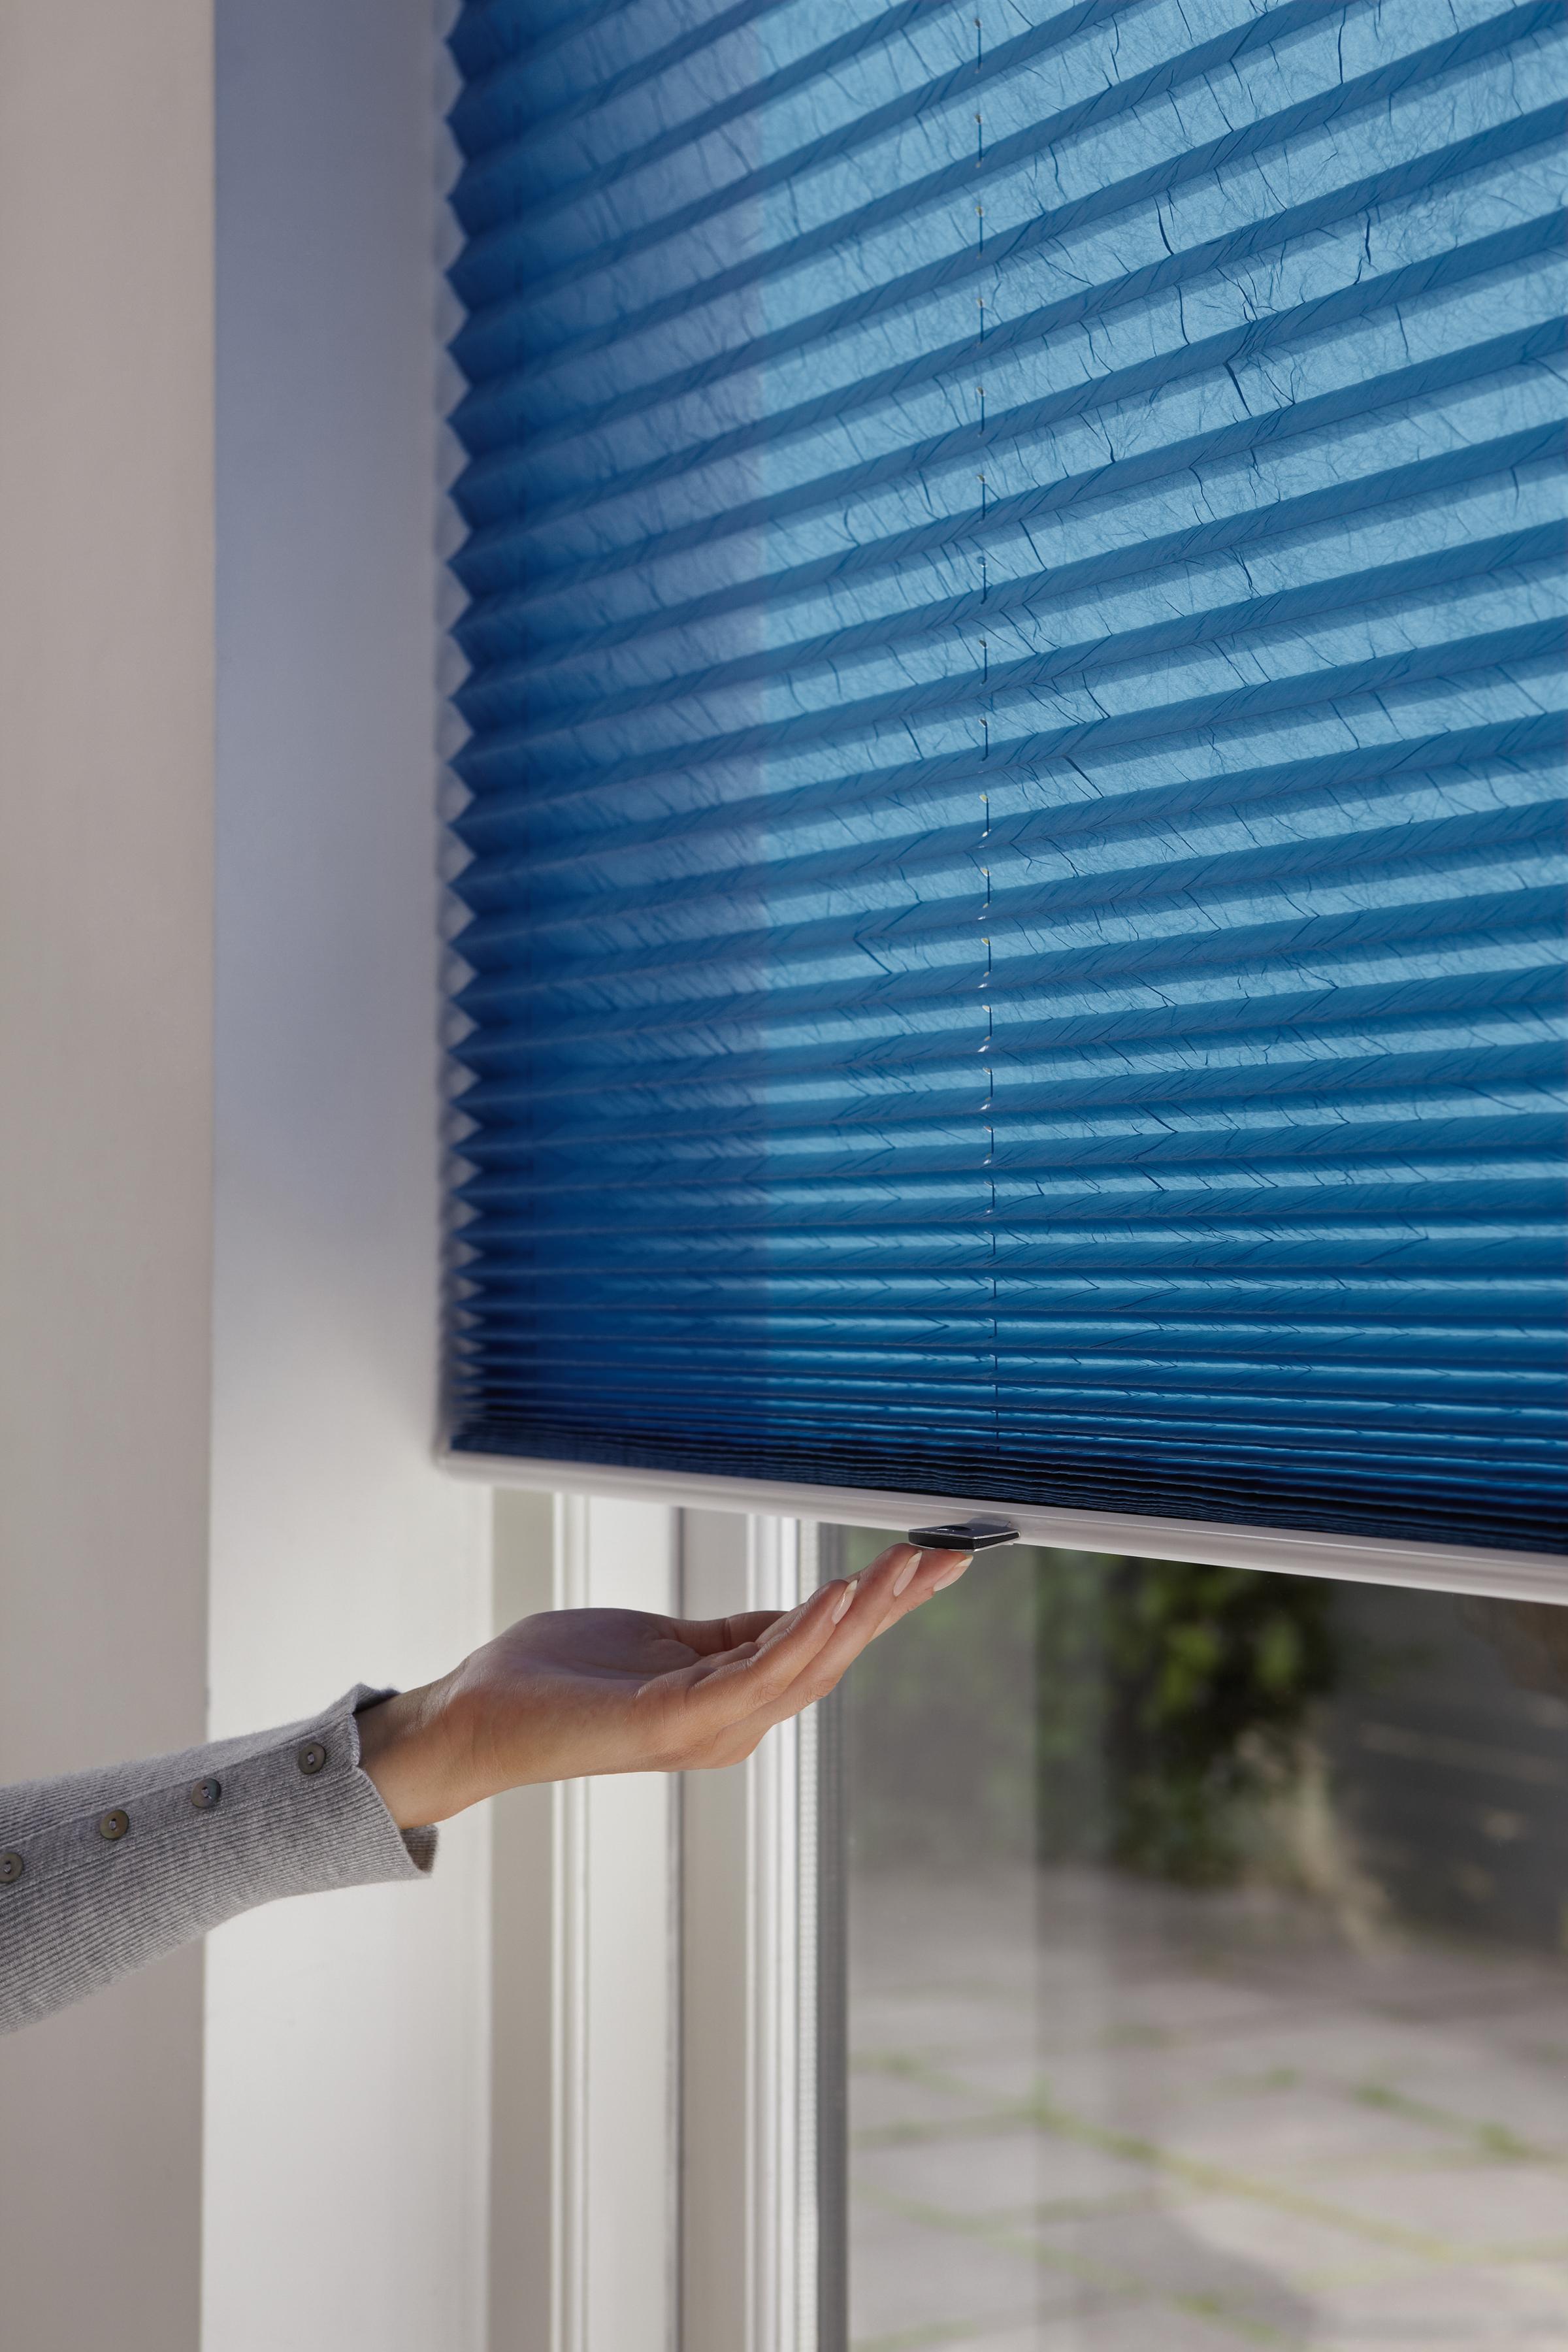 blinds cleaner pretoria division dekor east wooden of a